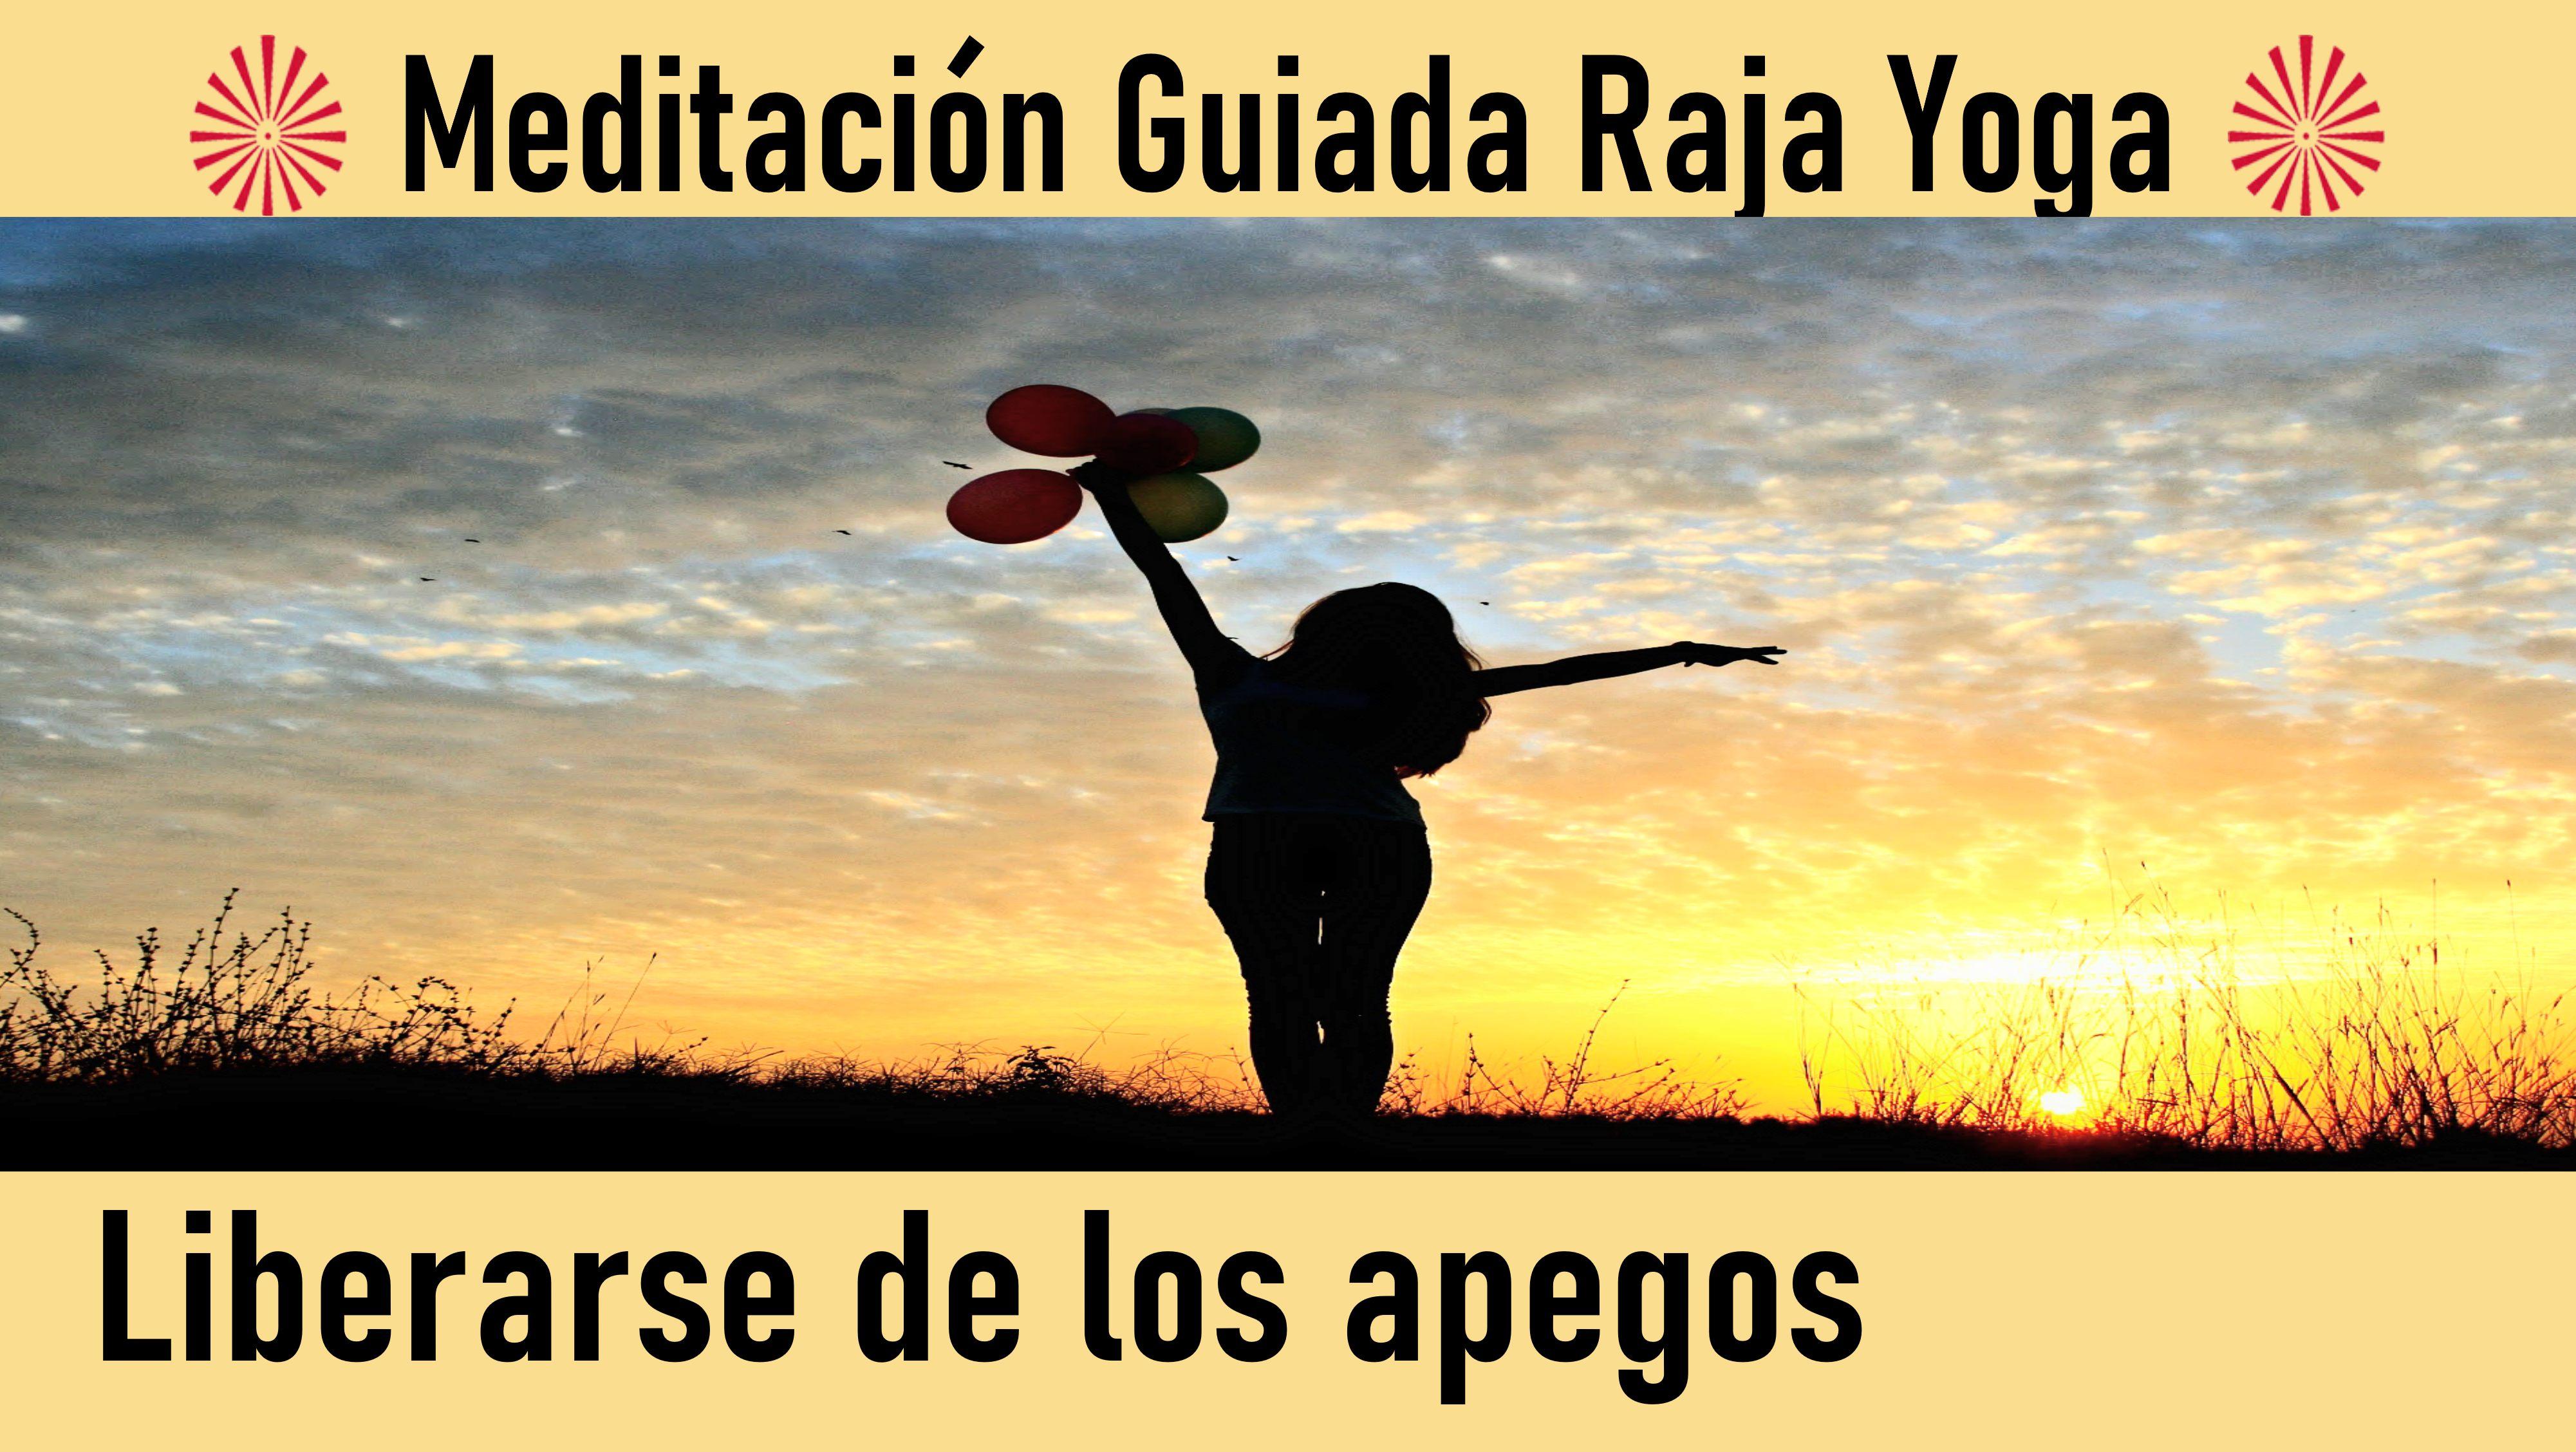 24 Julio 2020 Meditación guiada: Liberarse de los apegos